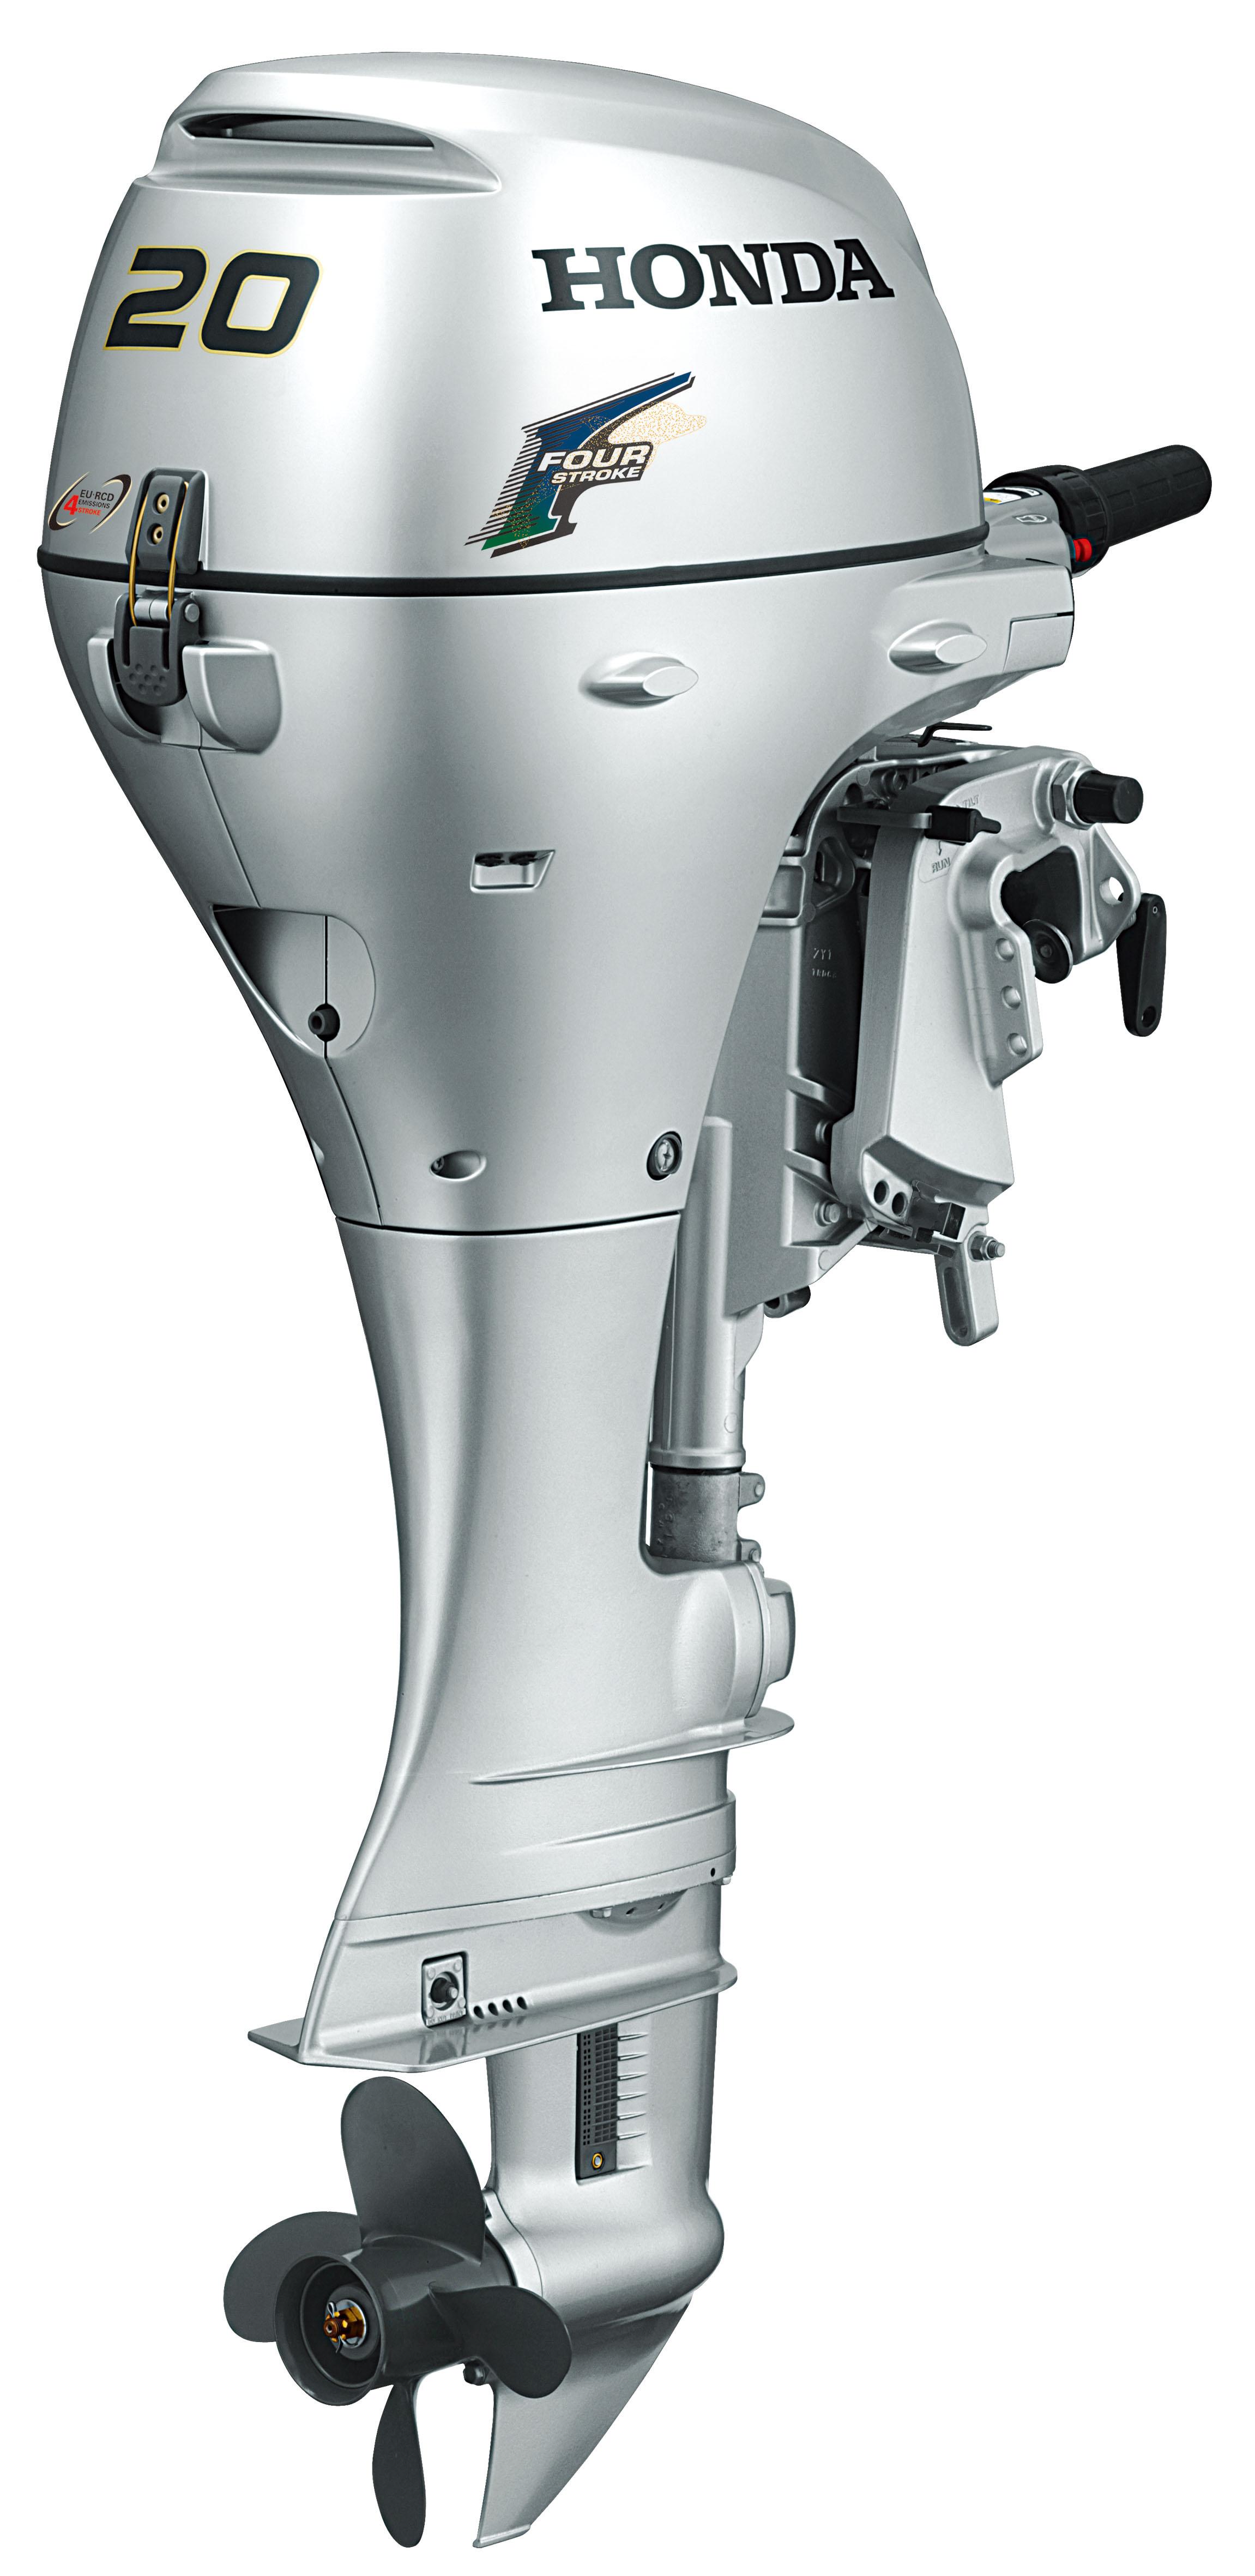 лодочные моторы honda bf 20 хороктеристики